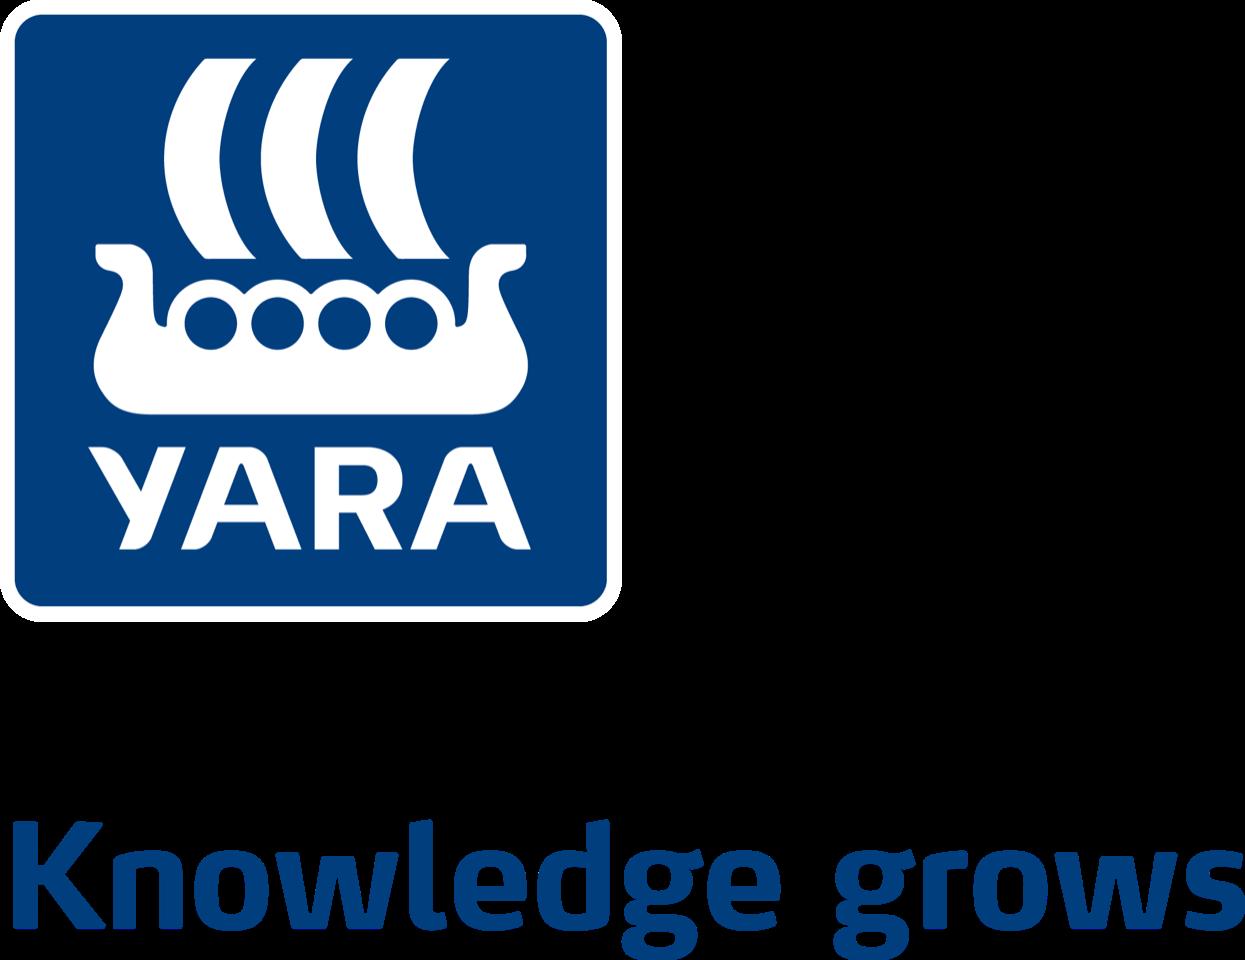 logo of Yara International